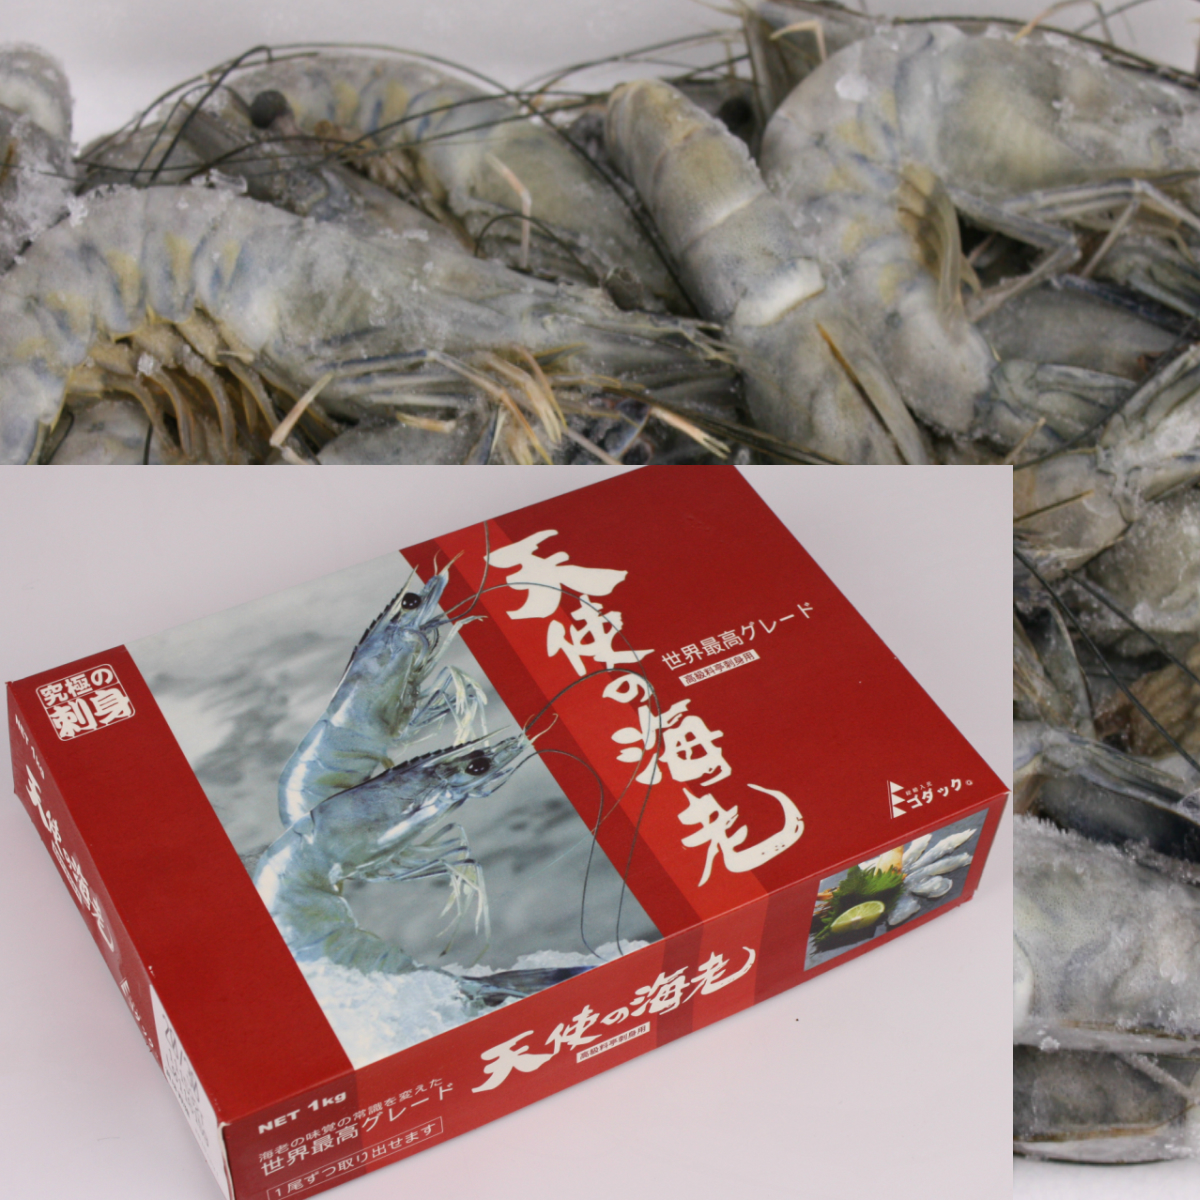 海老の種類はその名も パラダイス プラウン なんともゴージャスな名前です 美味しくない訳がない 新作続 かなり大きなサイズだから BBQにも最適です 20~30尾入り 大人気 特々大1kg お刺身可 天使の海老 再々入荷